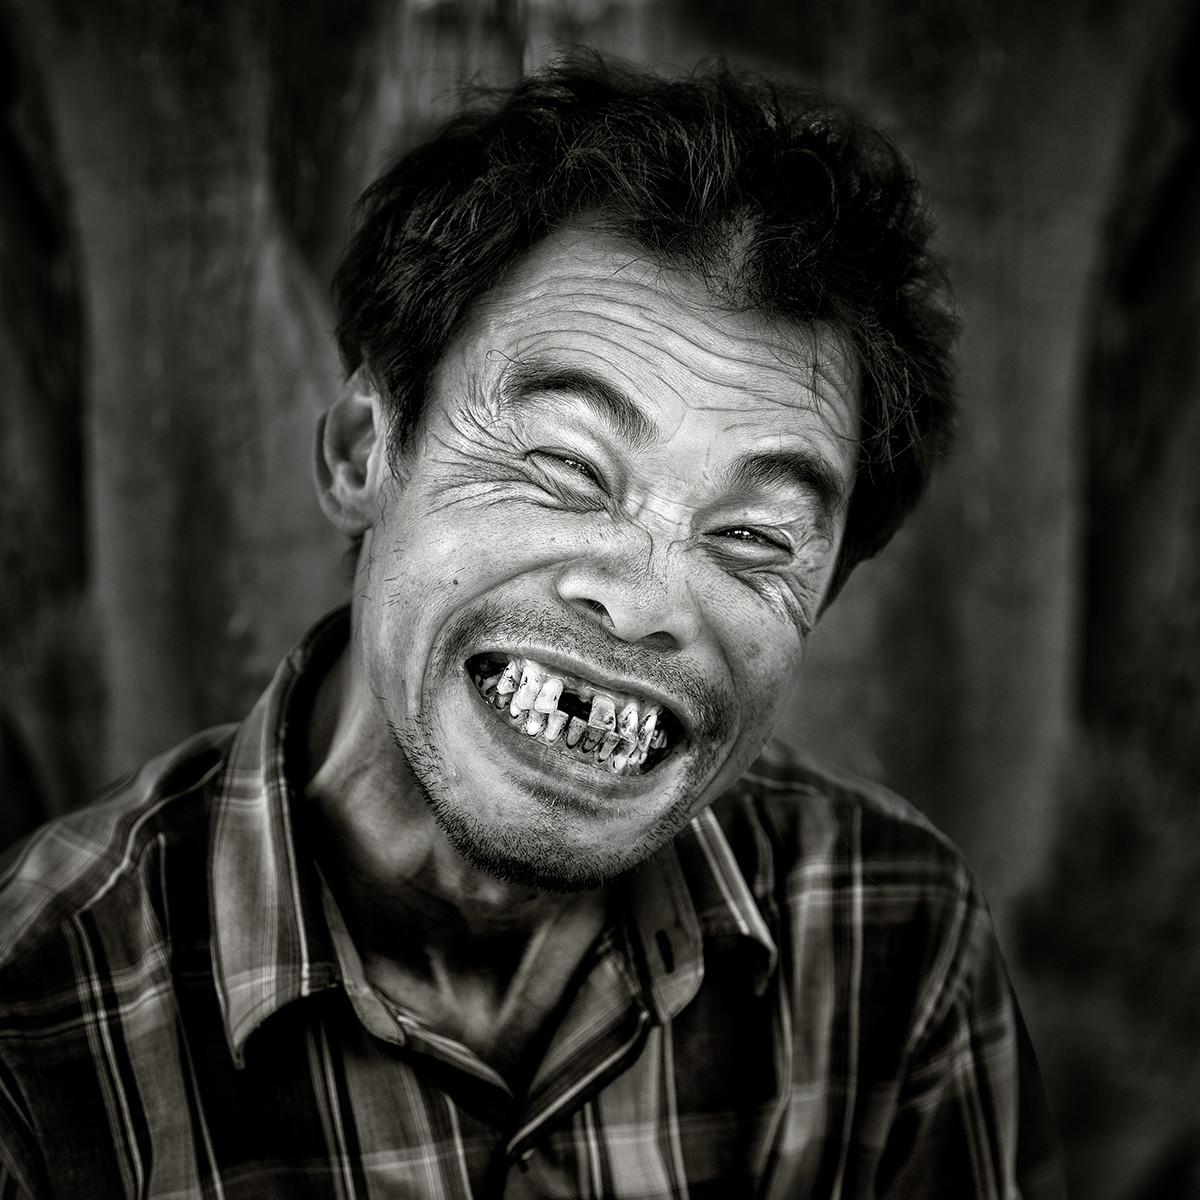 MONO - No More Selfies by Hugh Wilkinson  (10 marks)